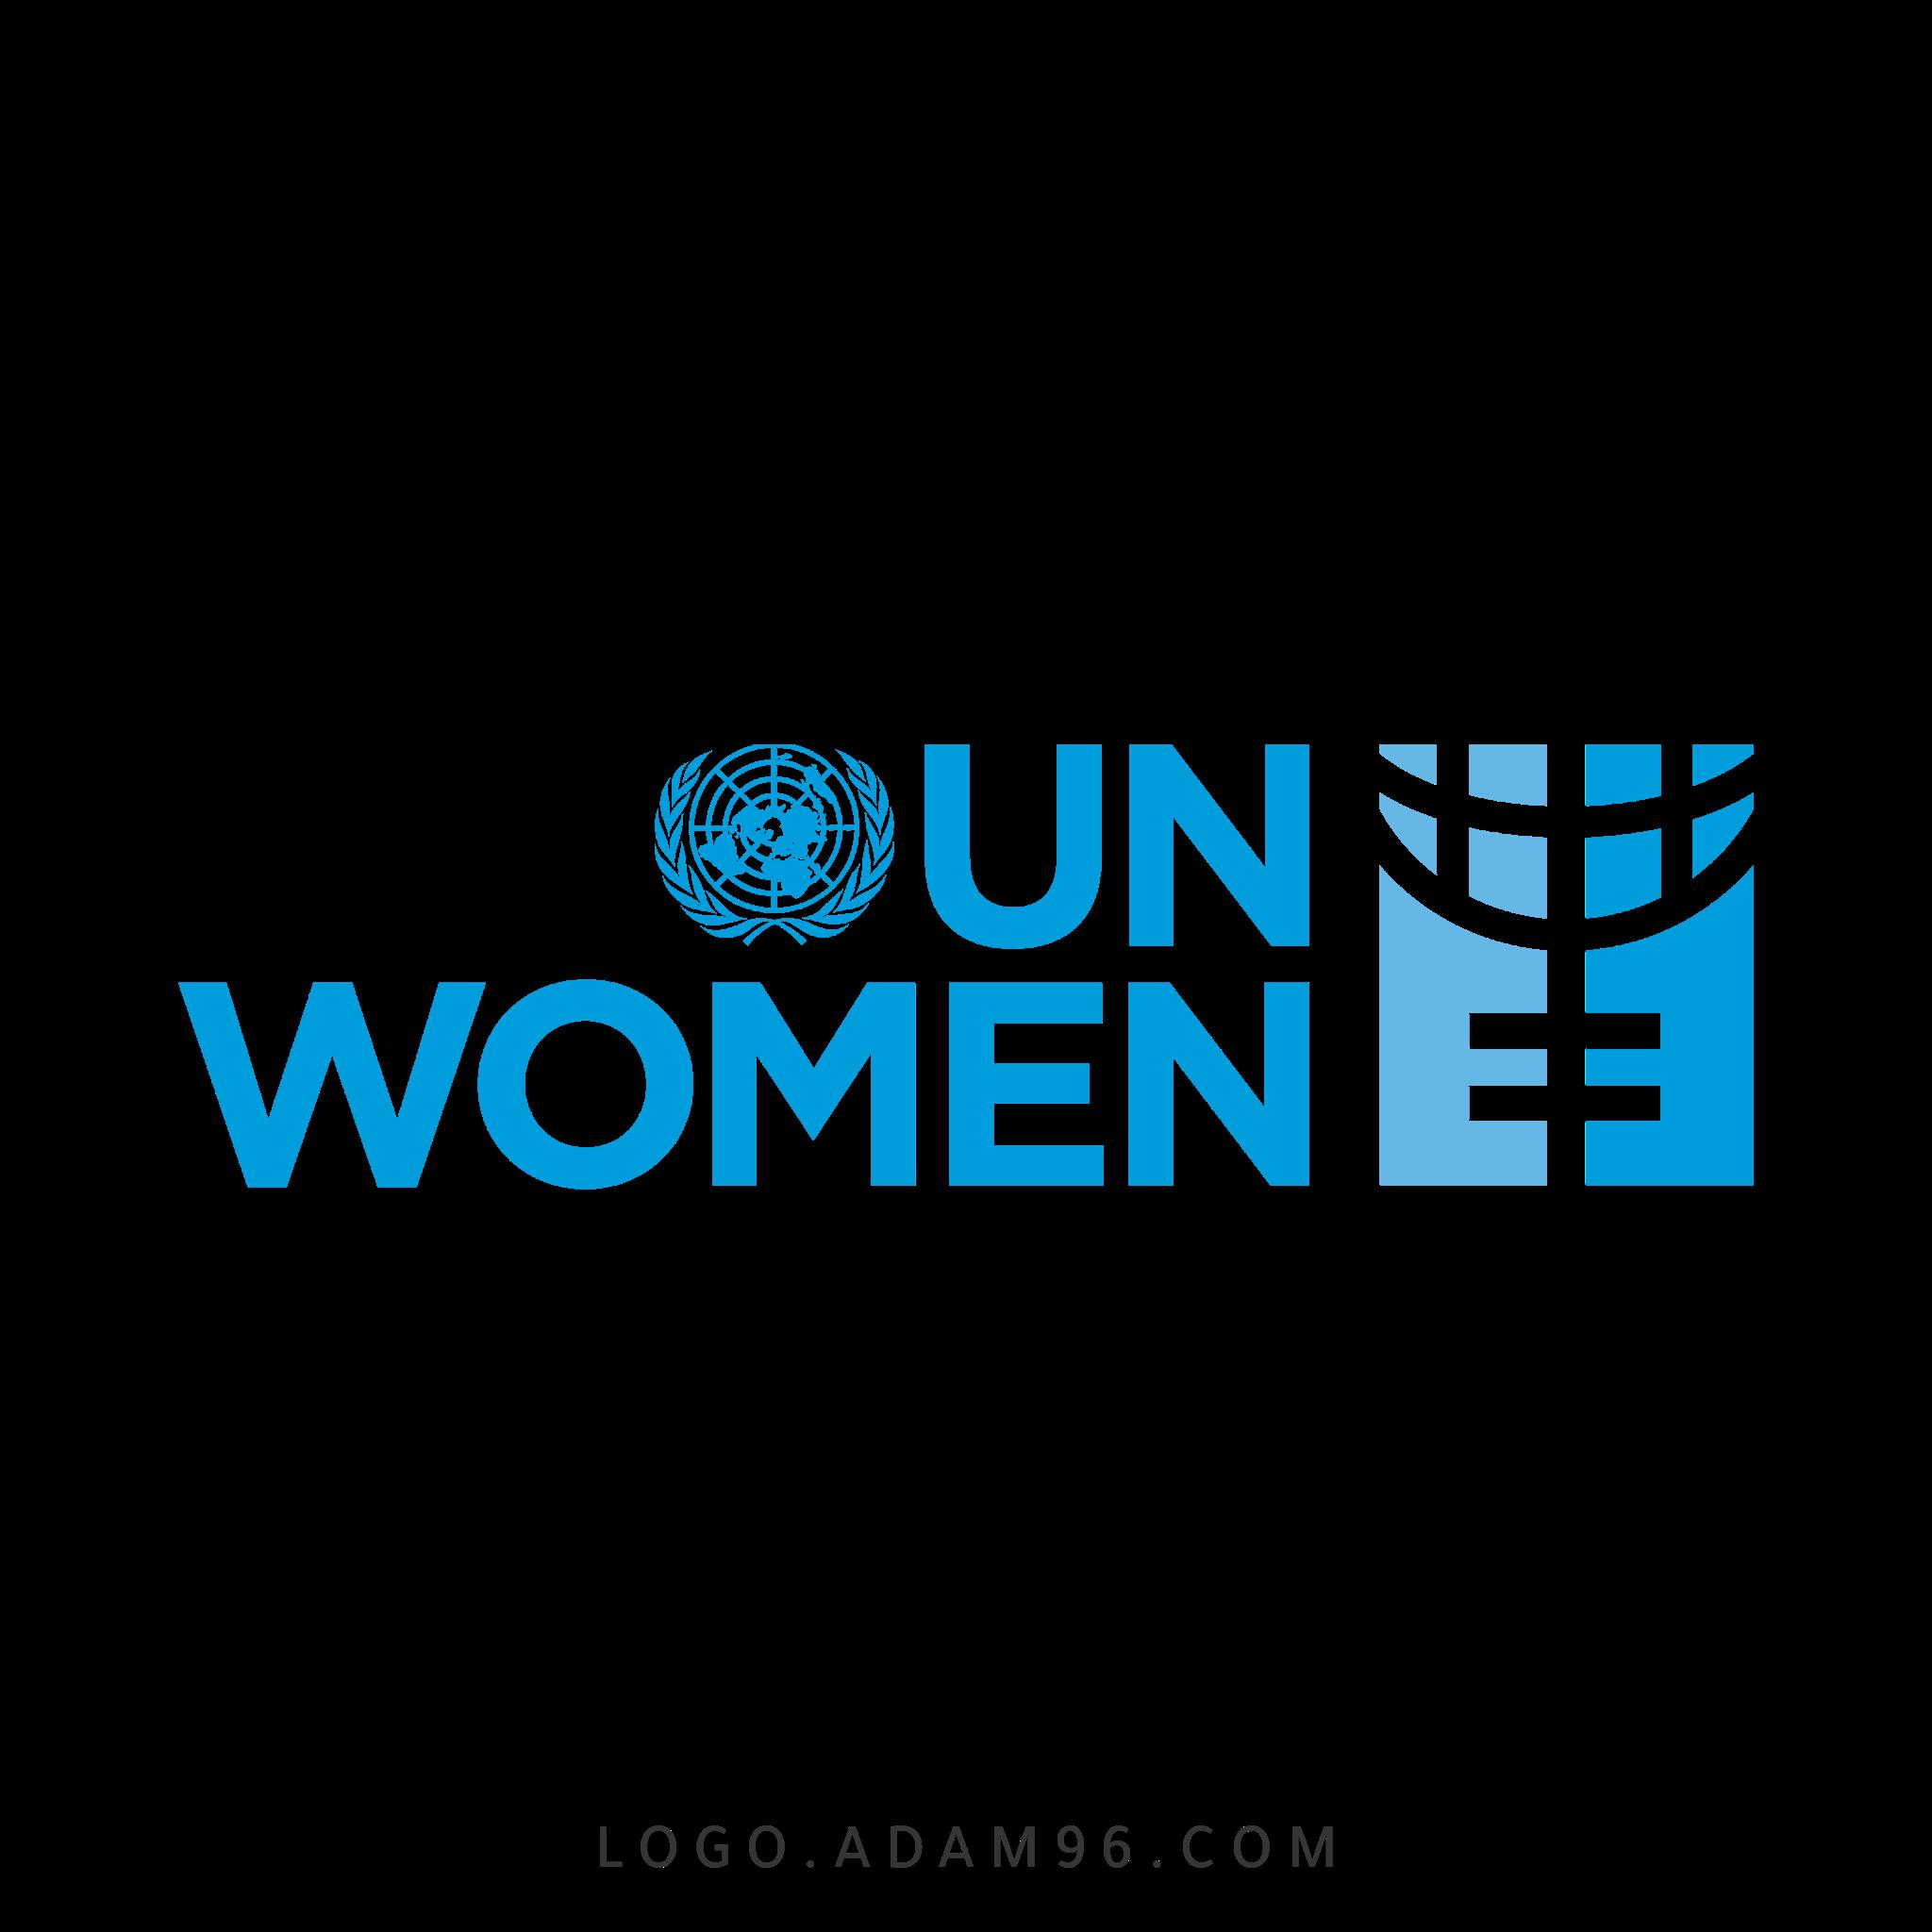 شعار هيئة الامم المتحدة لتمكين المراة